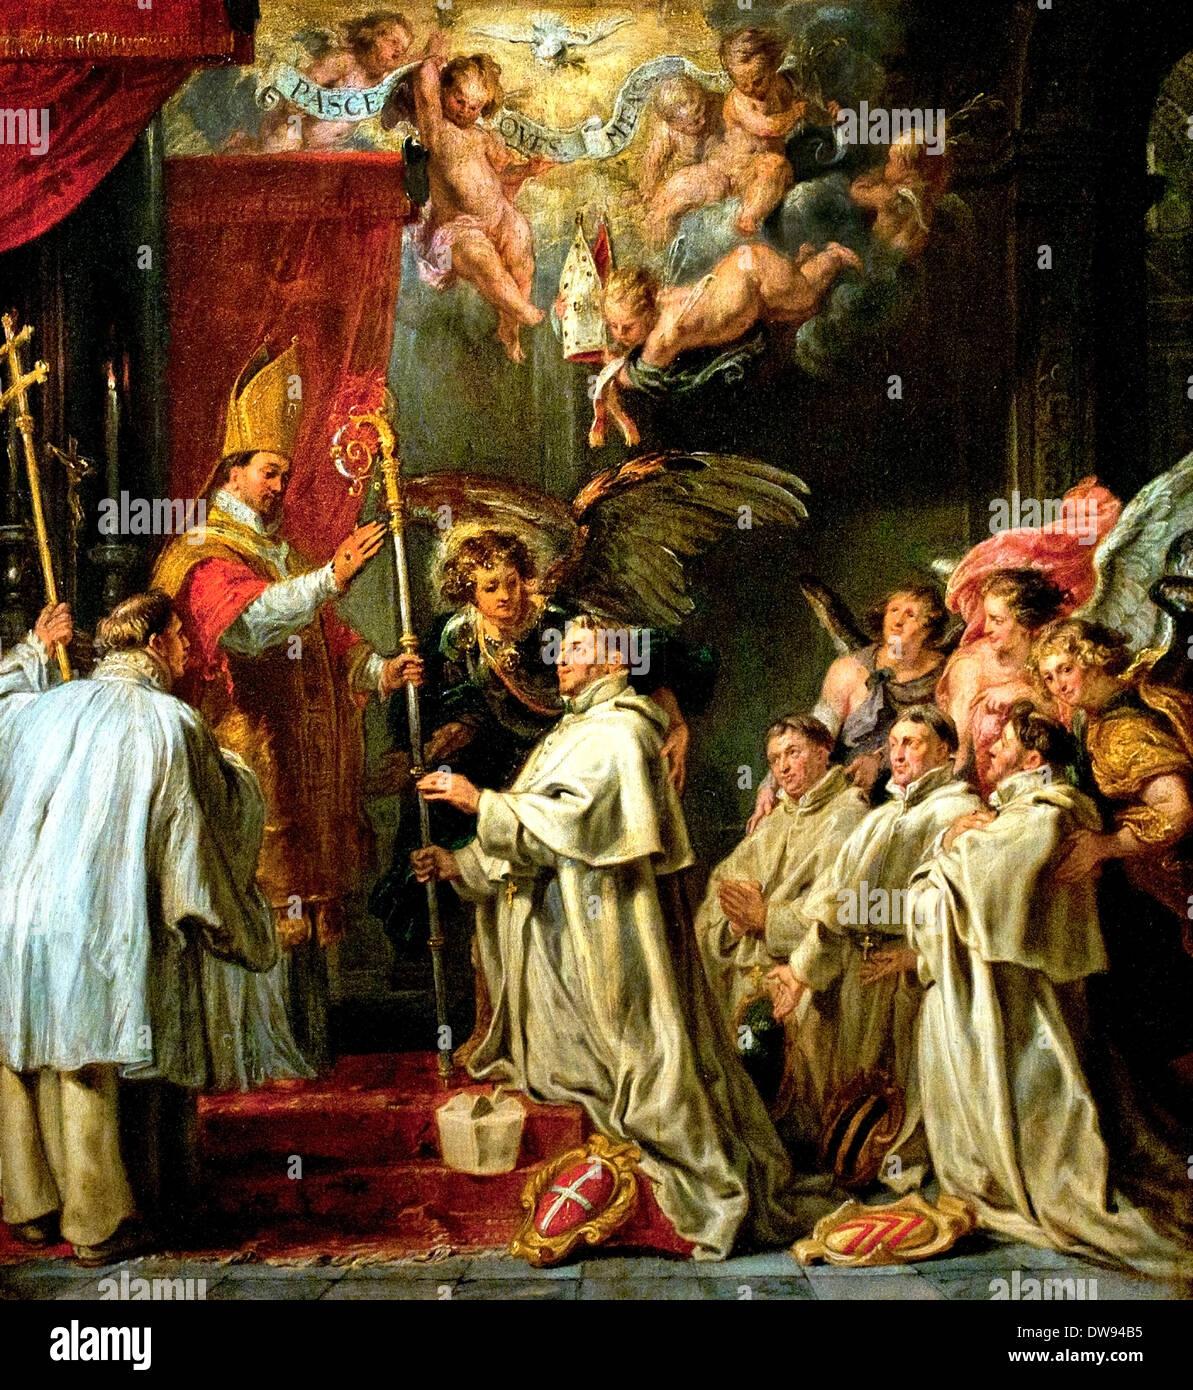 La dedizione del Beato San Norberto Waltman da Abraham van Diepenbeeck 1596-1675 olandese Paesi Bassi Immagini Stock